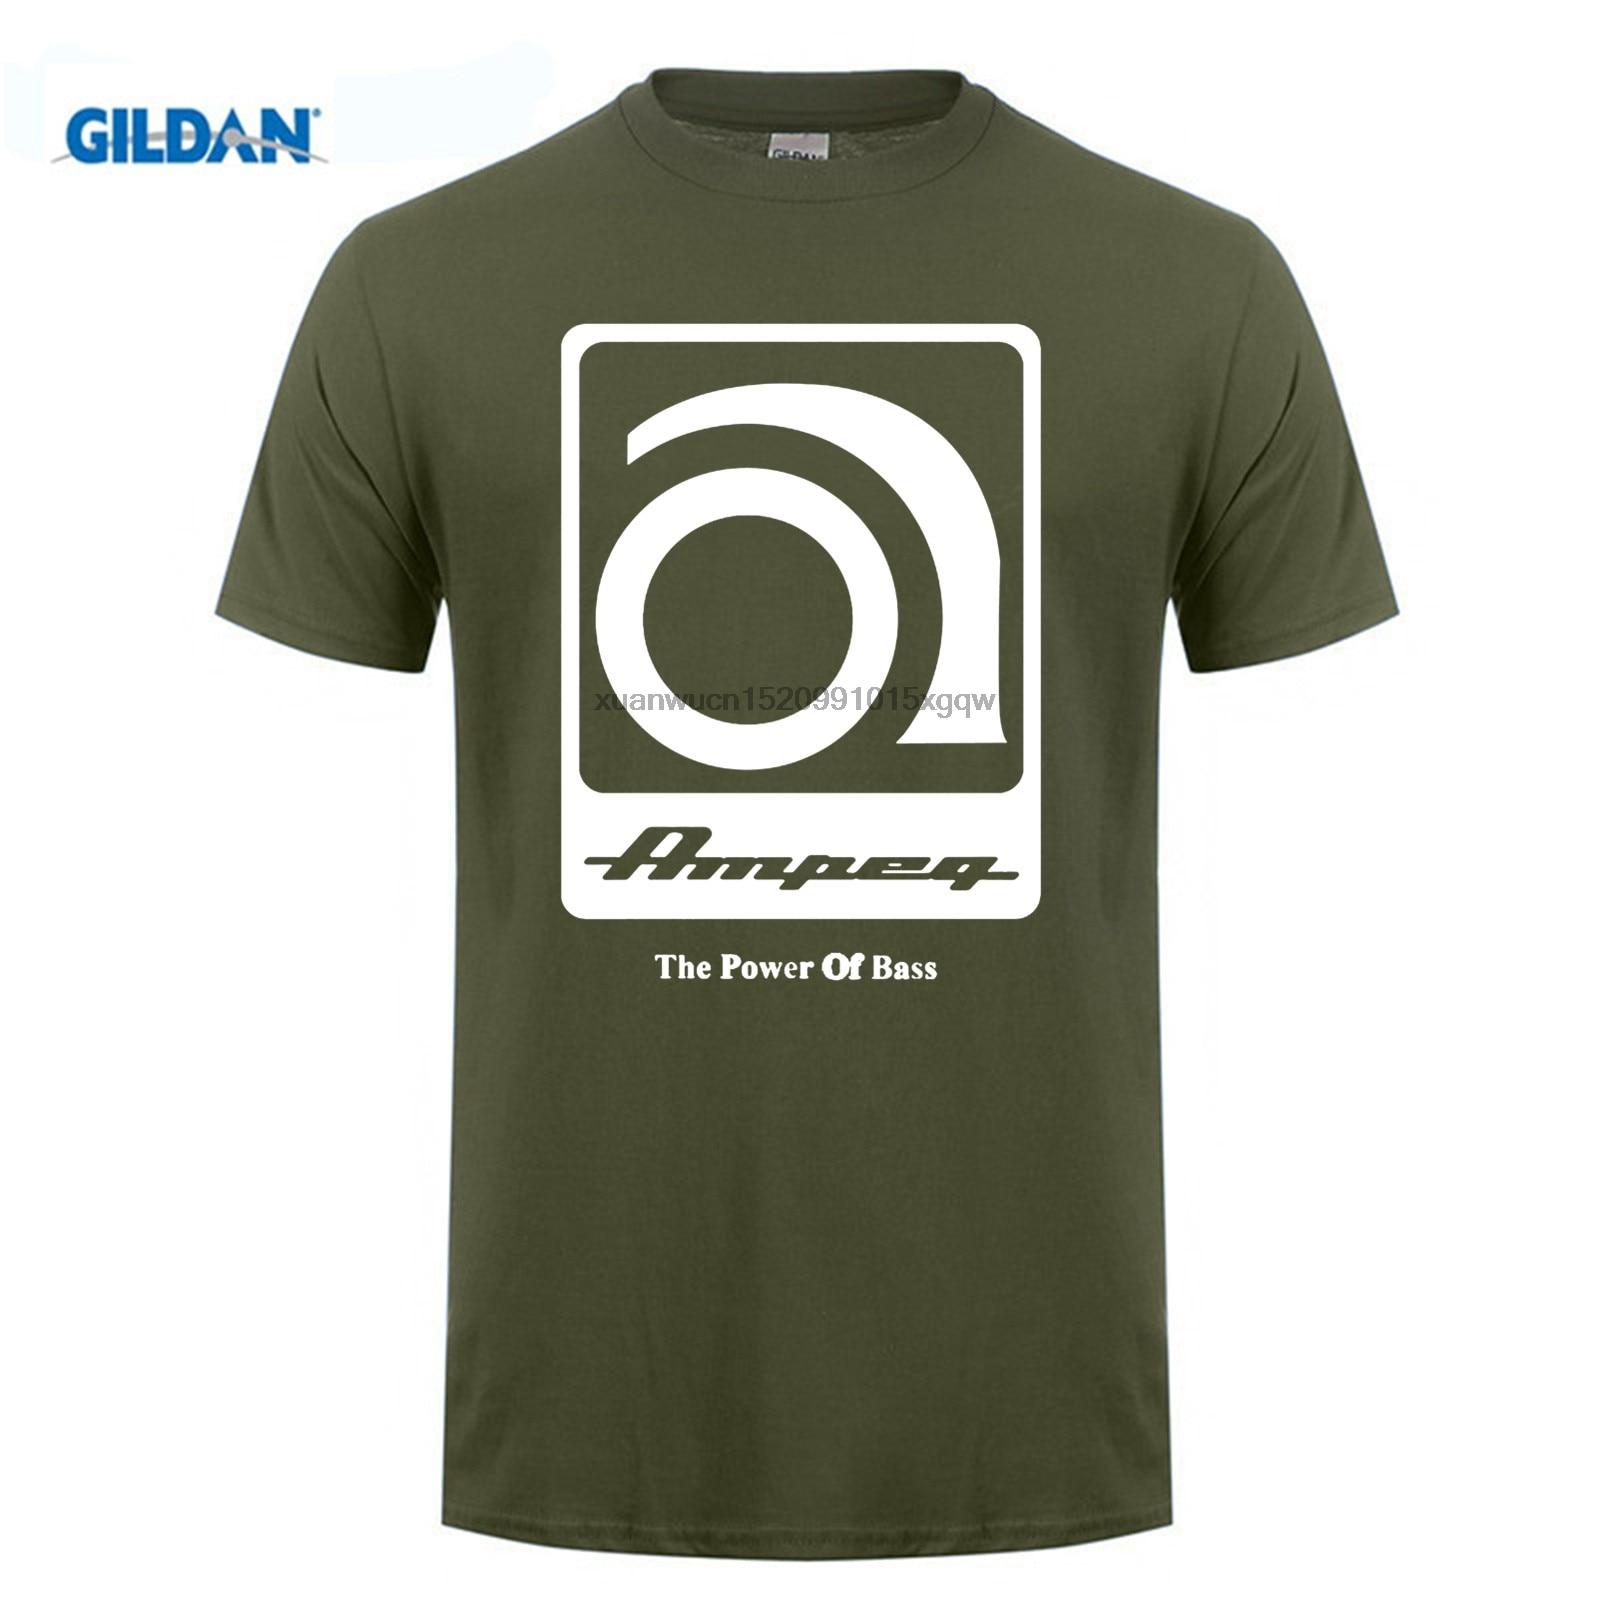 GILDAN Made mens t shirt AMPEG VERSTARKER NEU black tee shirts plus size O Neck jersey cotton shop sales online